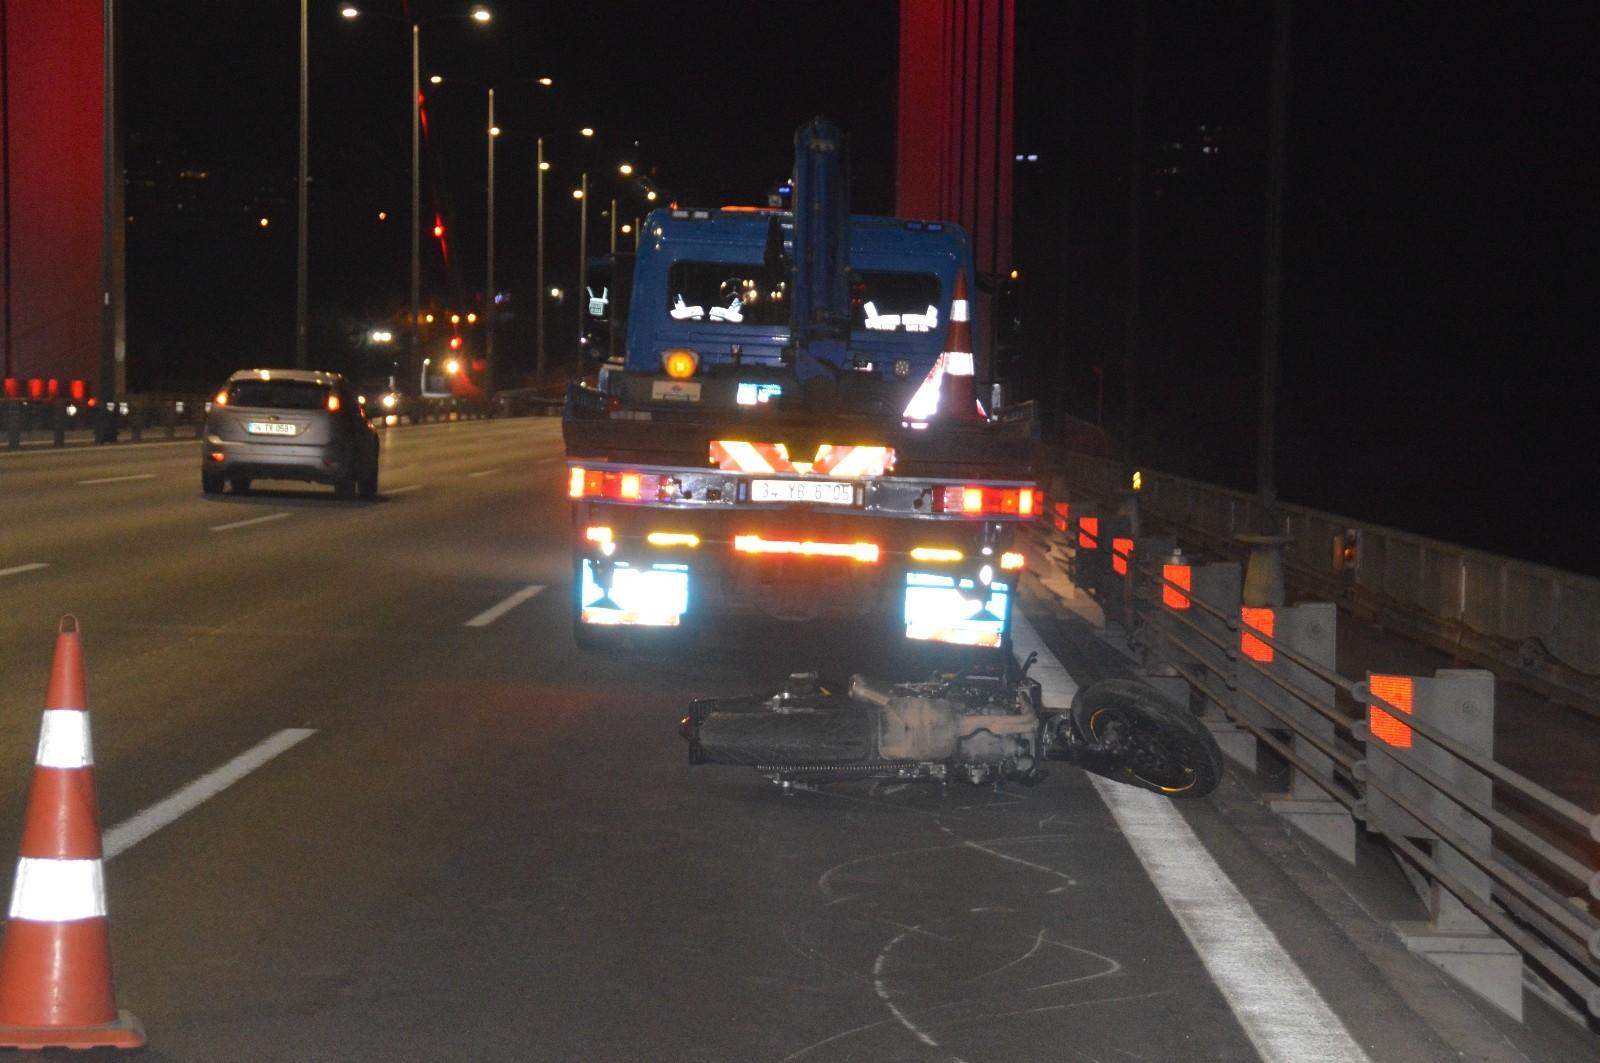 Tek teker giderken kaza yapan motosikletli hayatını kaybetti - İstanbul  Haberleri